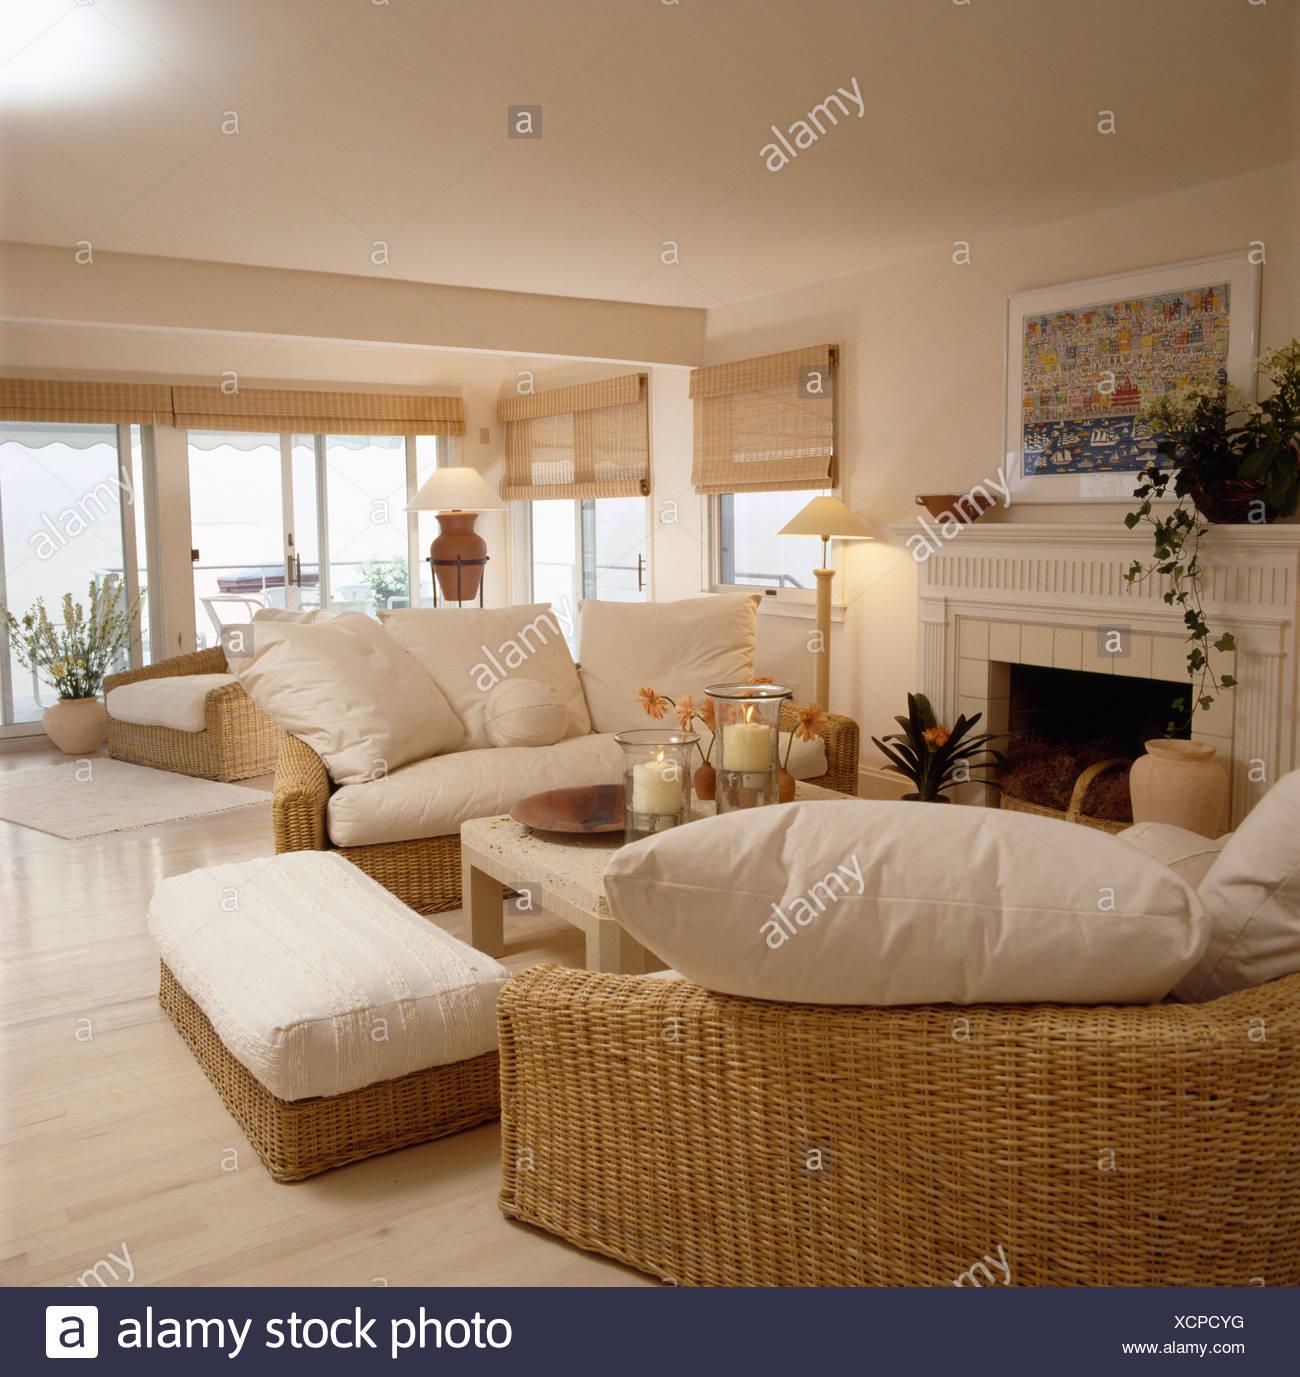 Divani In Rattan Da Interno.Divani In Vimini Con Cuscini Color Crema In Seasde Livingroom Foto